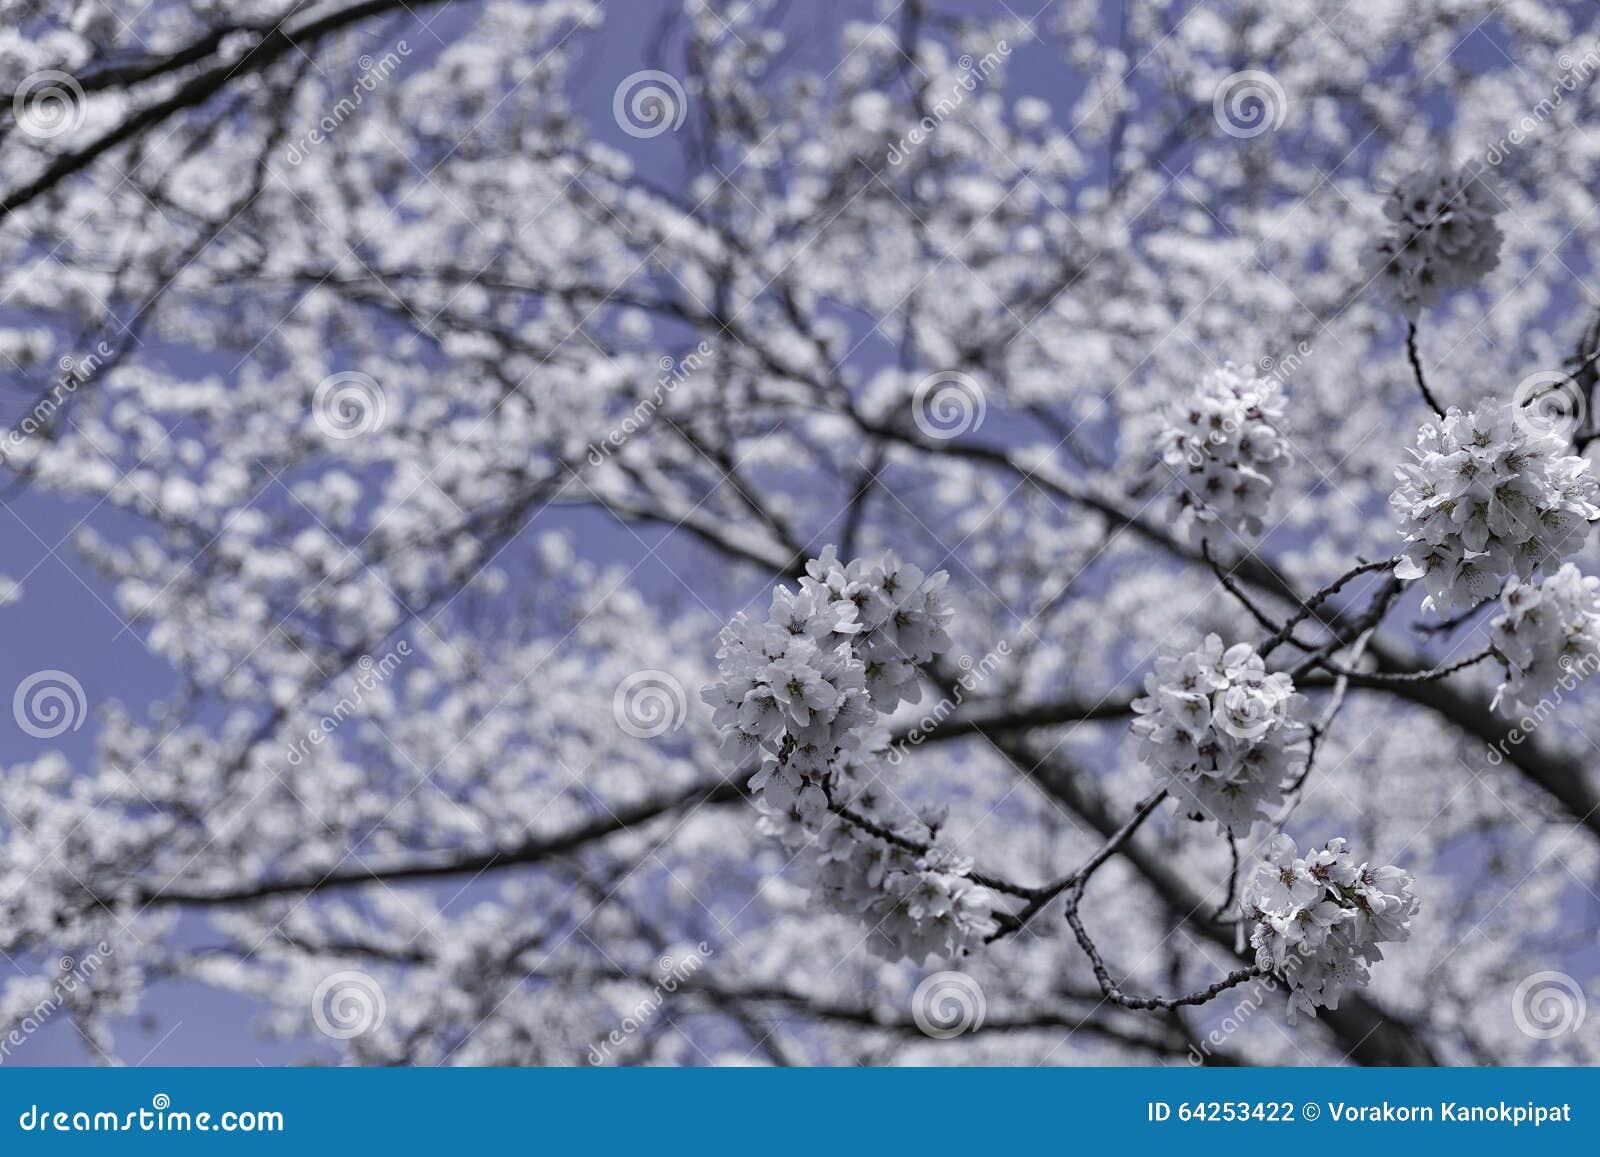 Fermez vous vers le haut de la fleur de sakura de fleur sur l 39 arbre sous le ciel d 39 hiver photo - Fleur d hiver exterieur ...